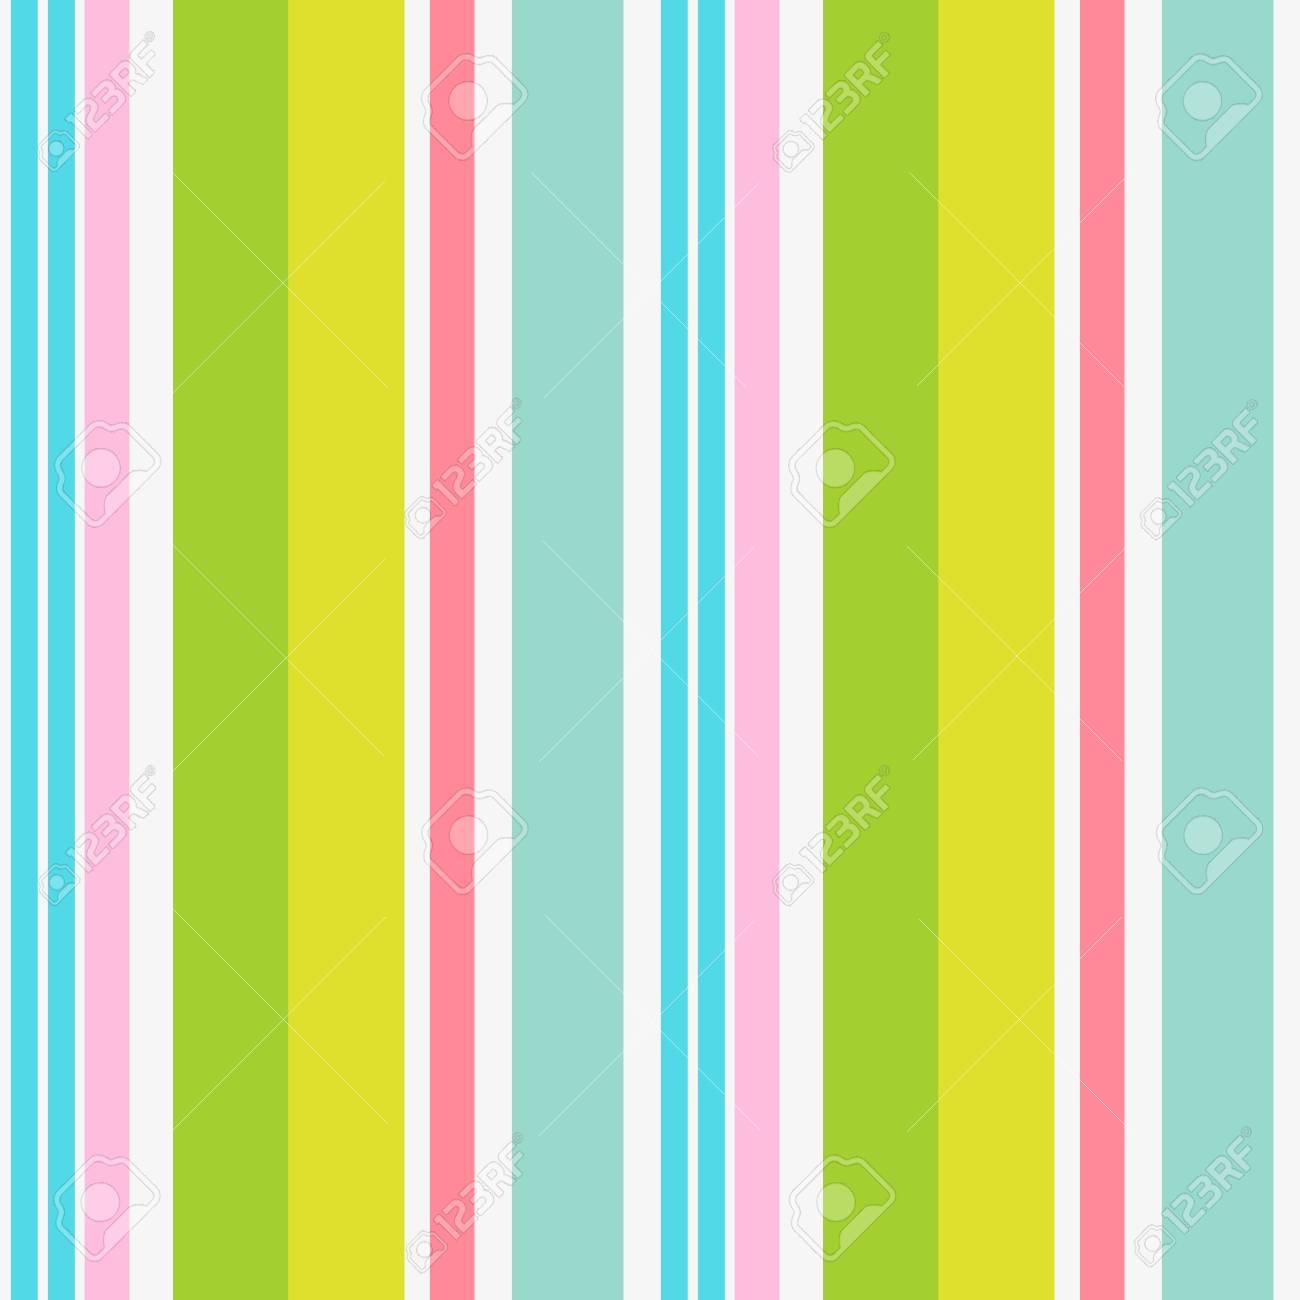 Sfondi allegri e colorati